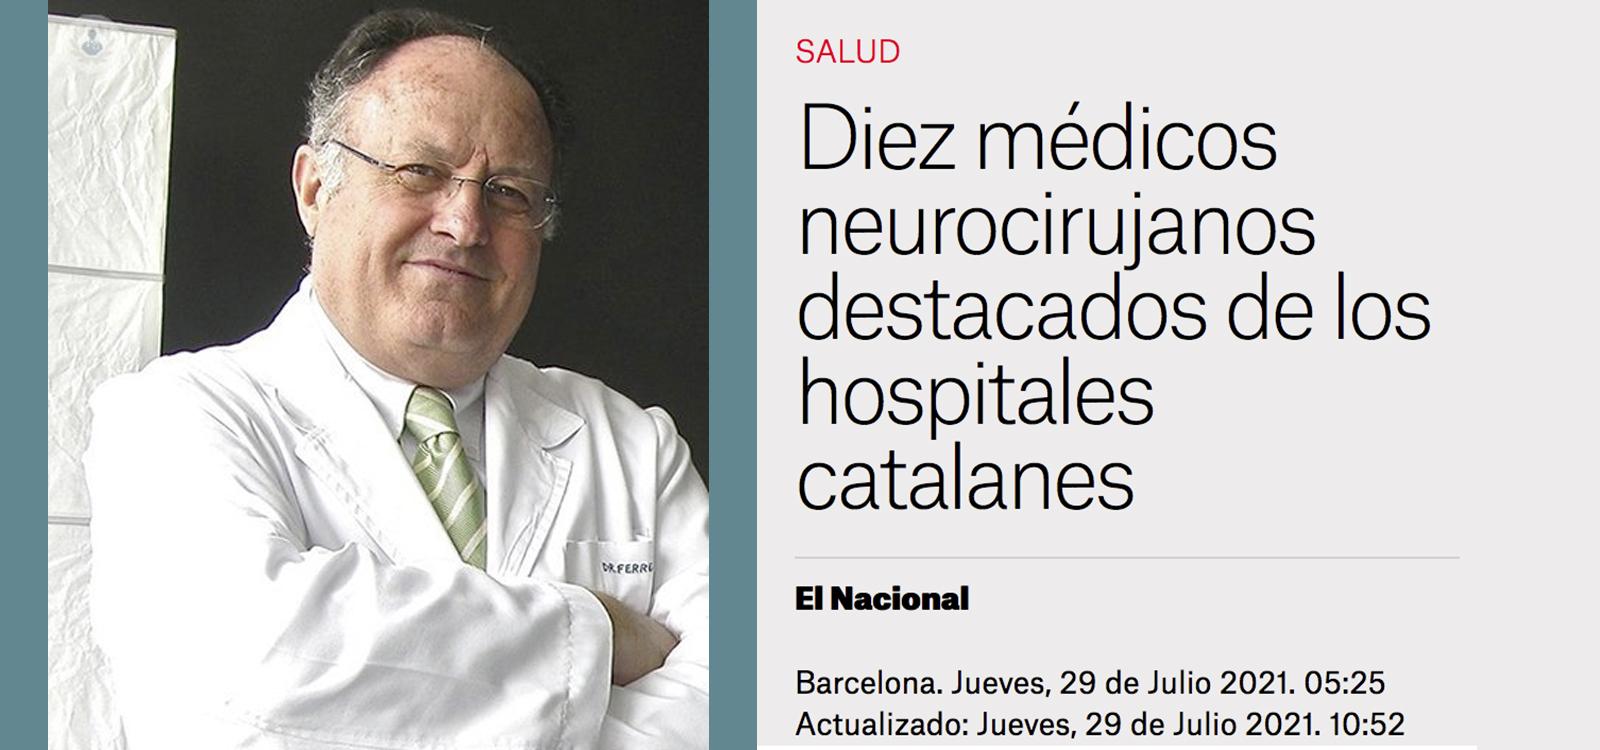 El dr. Enrique Ferrer, destacado entre los 10 mejores médicos neurocirujanos de los hospitales catalanes